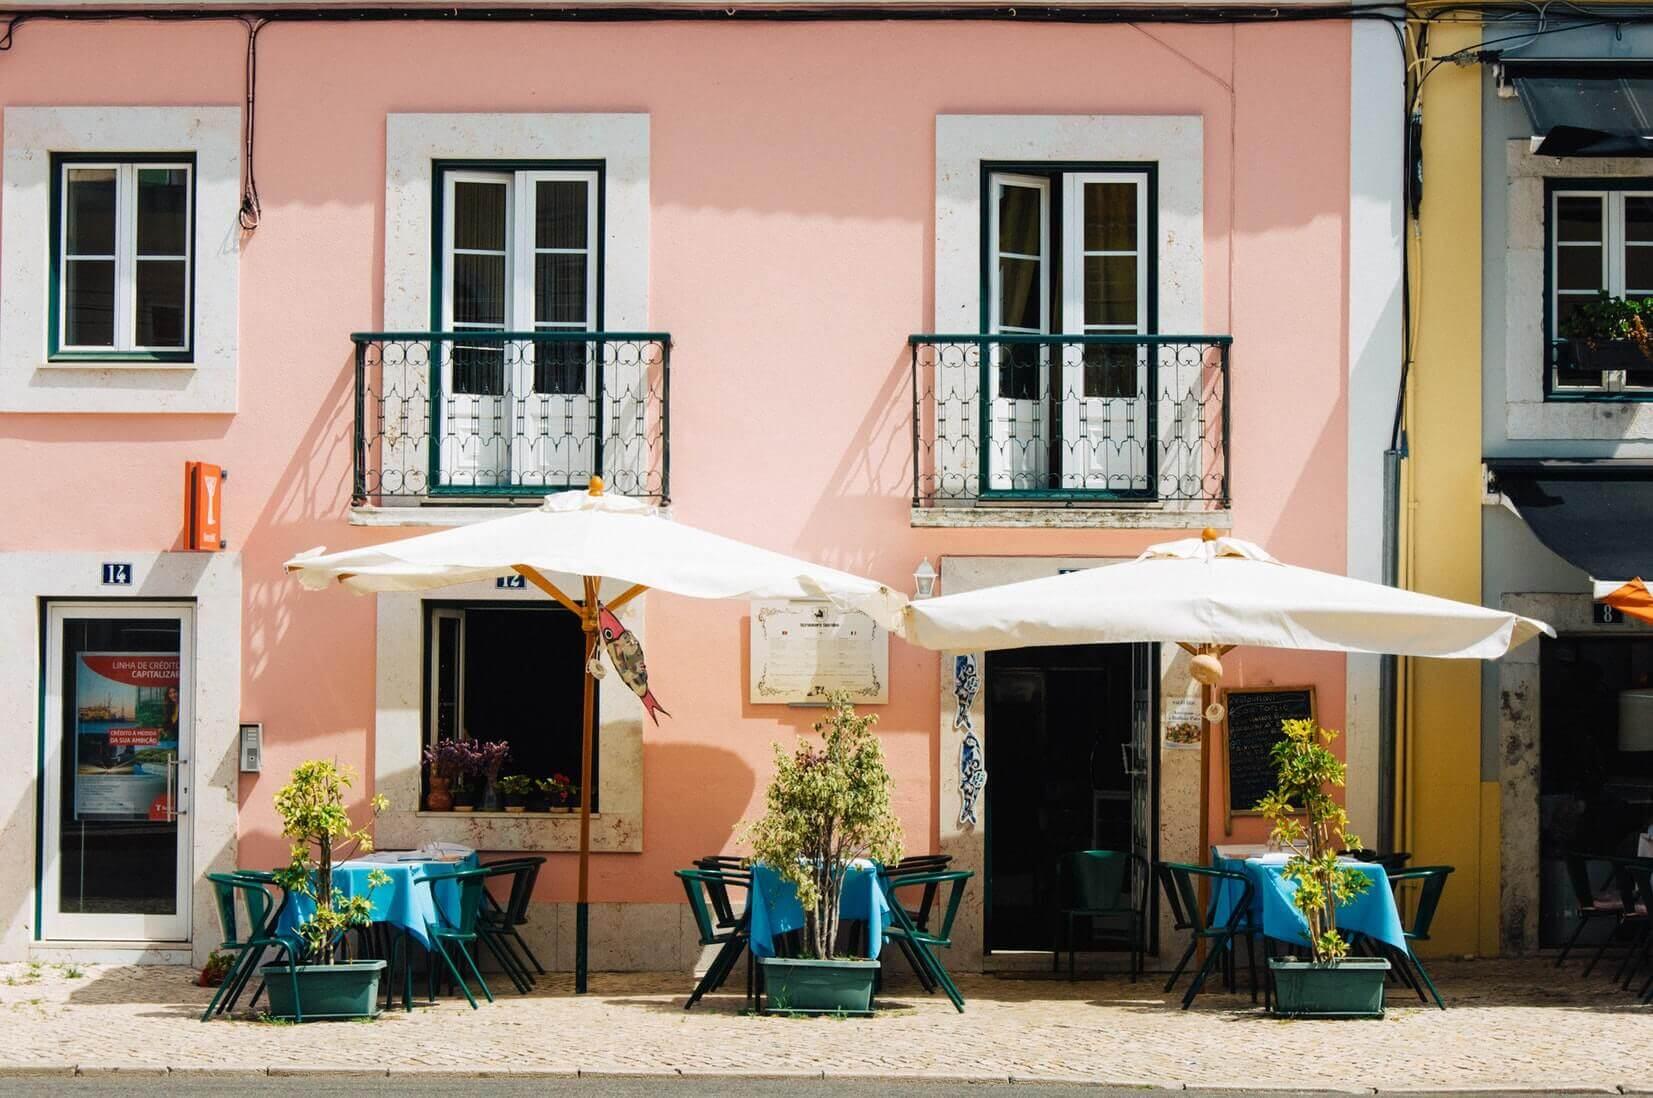 Поясним за новости: туристы переплачивают в европейских кафе